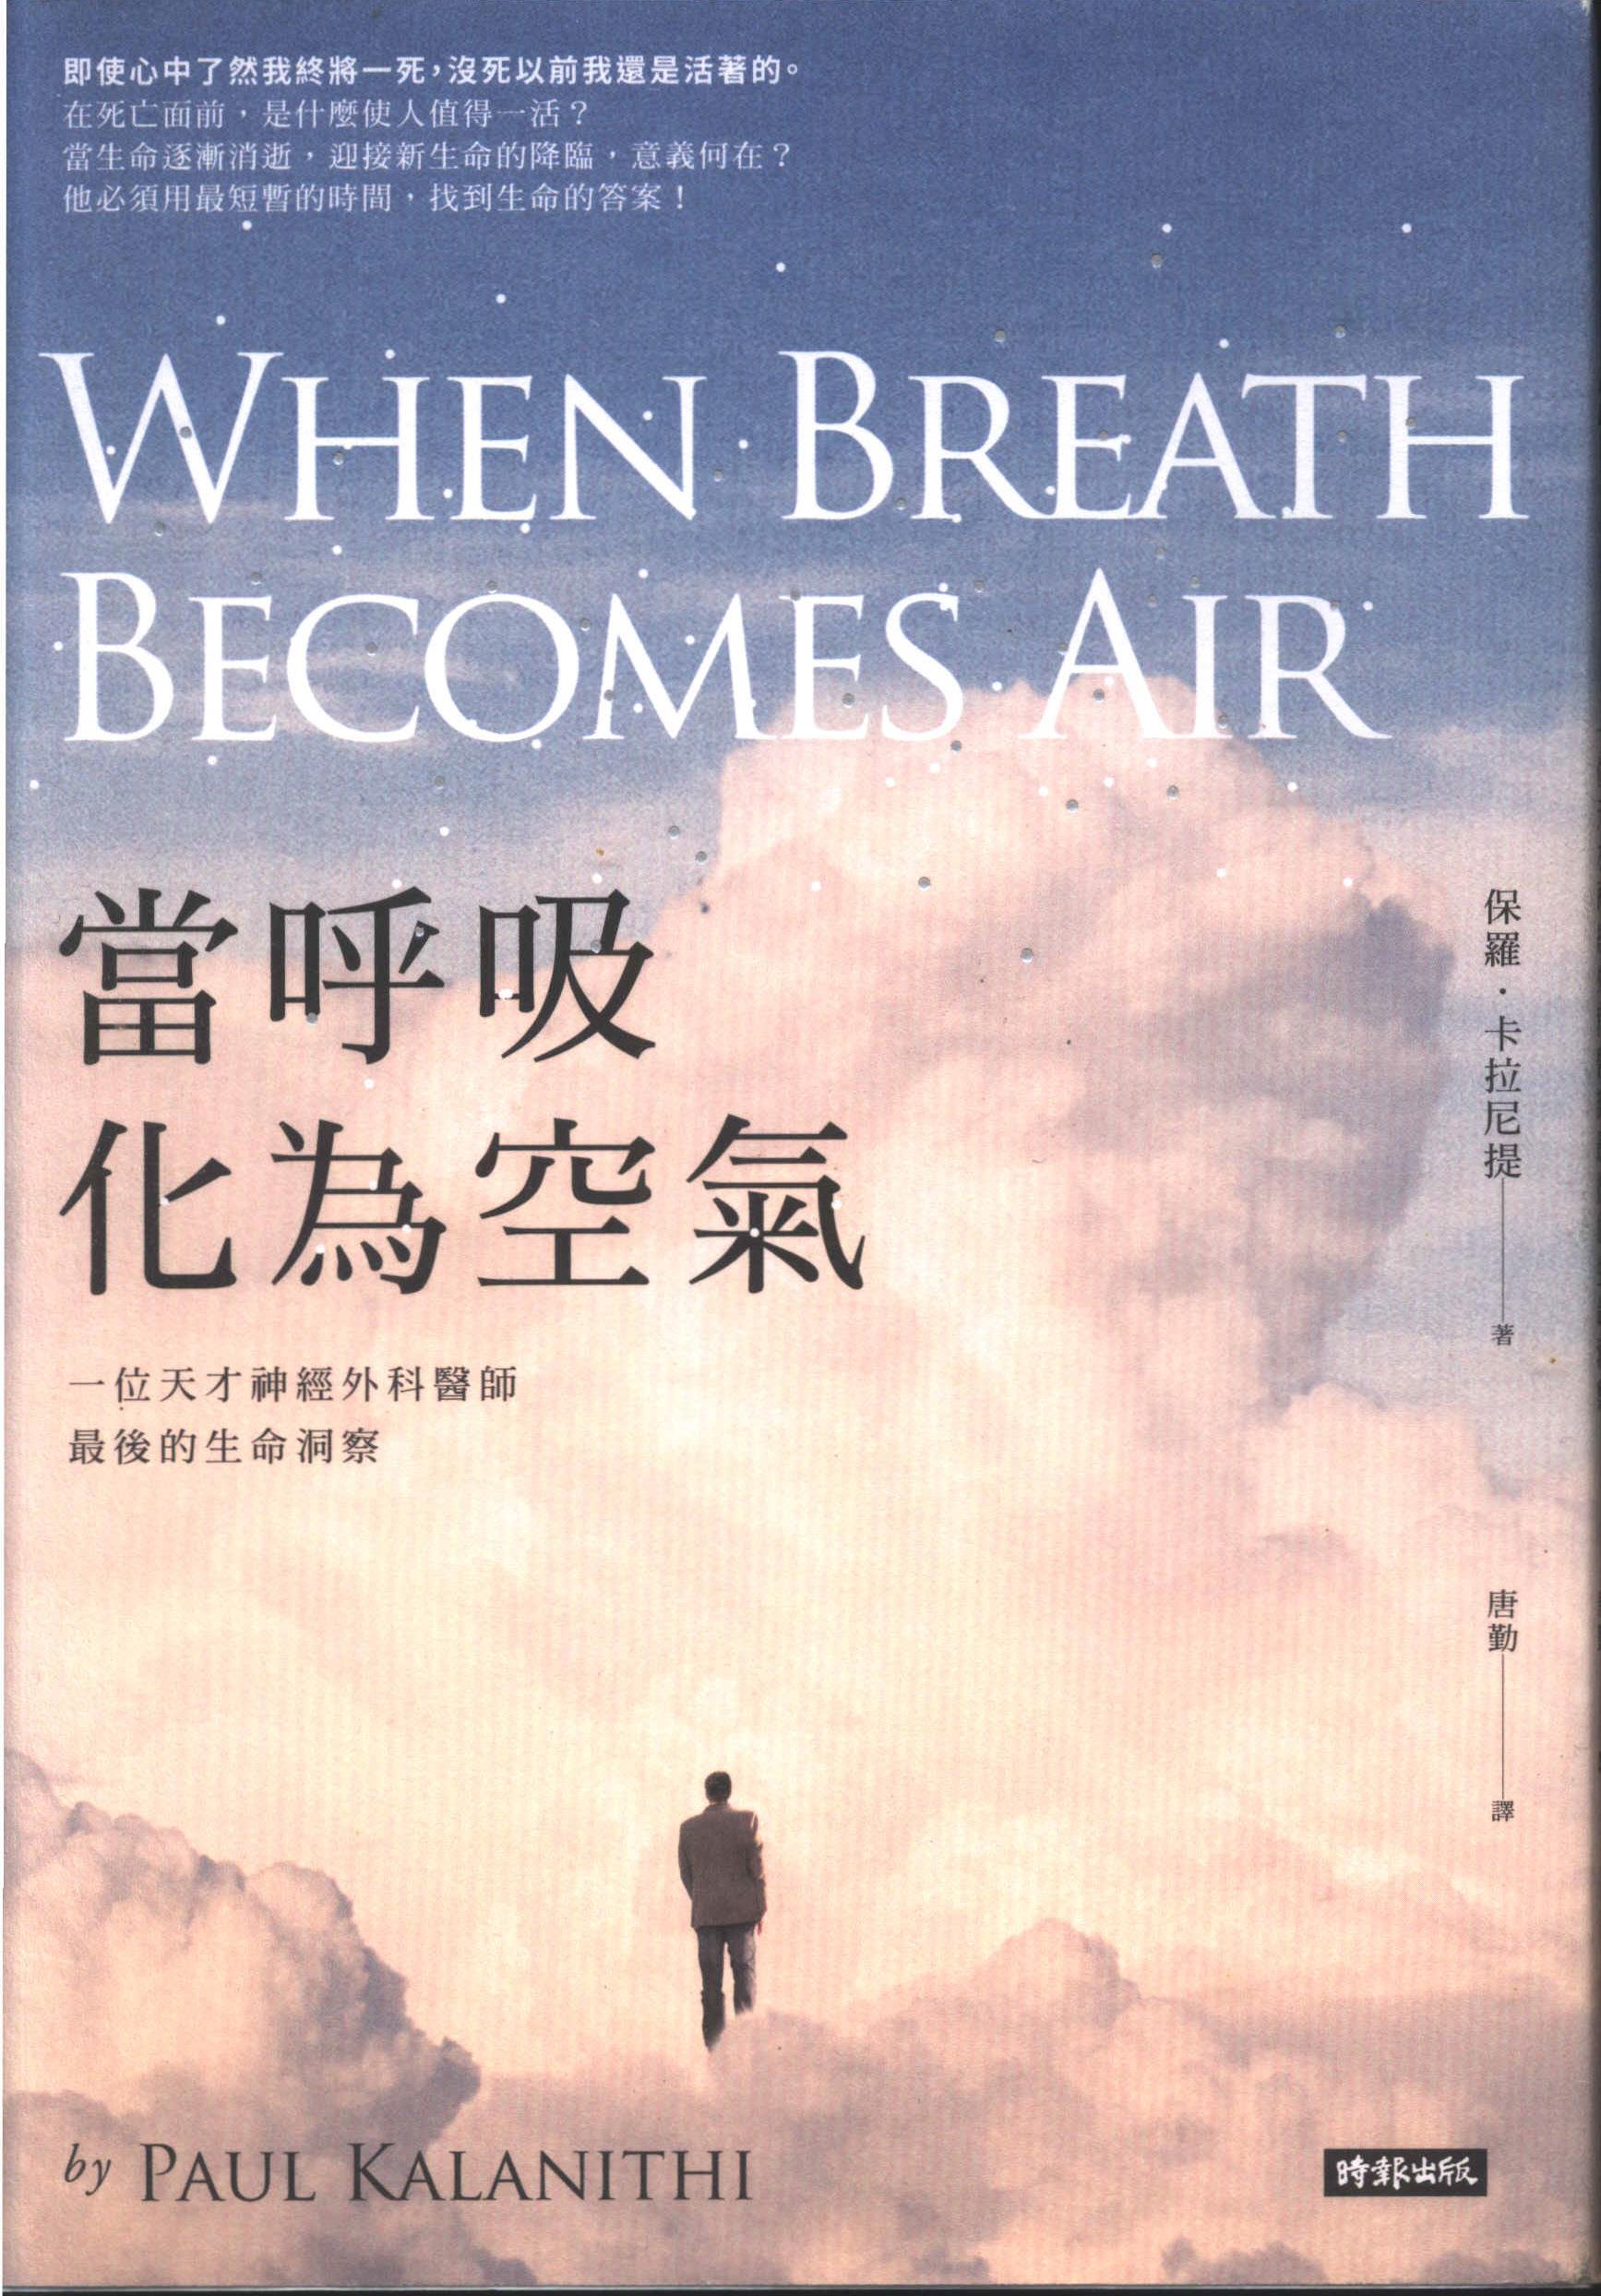 當呼吸化為空氣 - 保羅˙卡拉尼提(Paul Kalanithi) (時報) (應用科學) (封面)